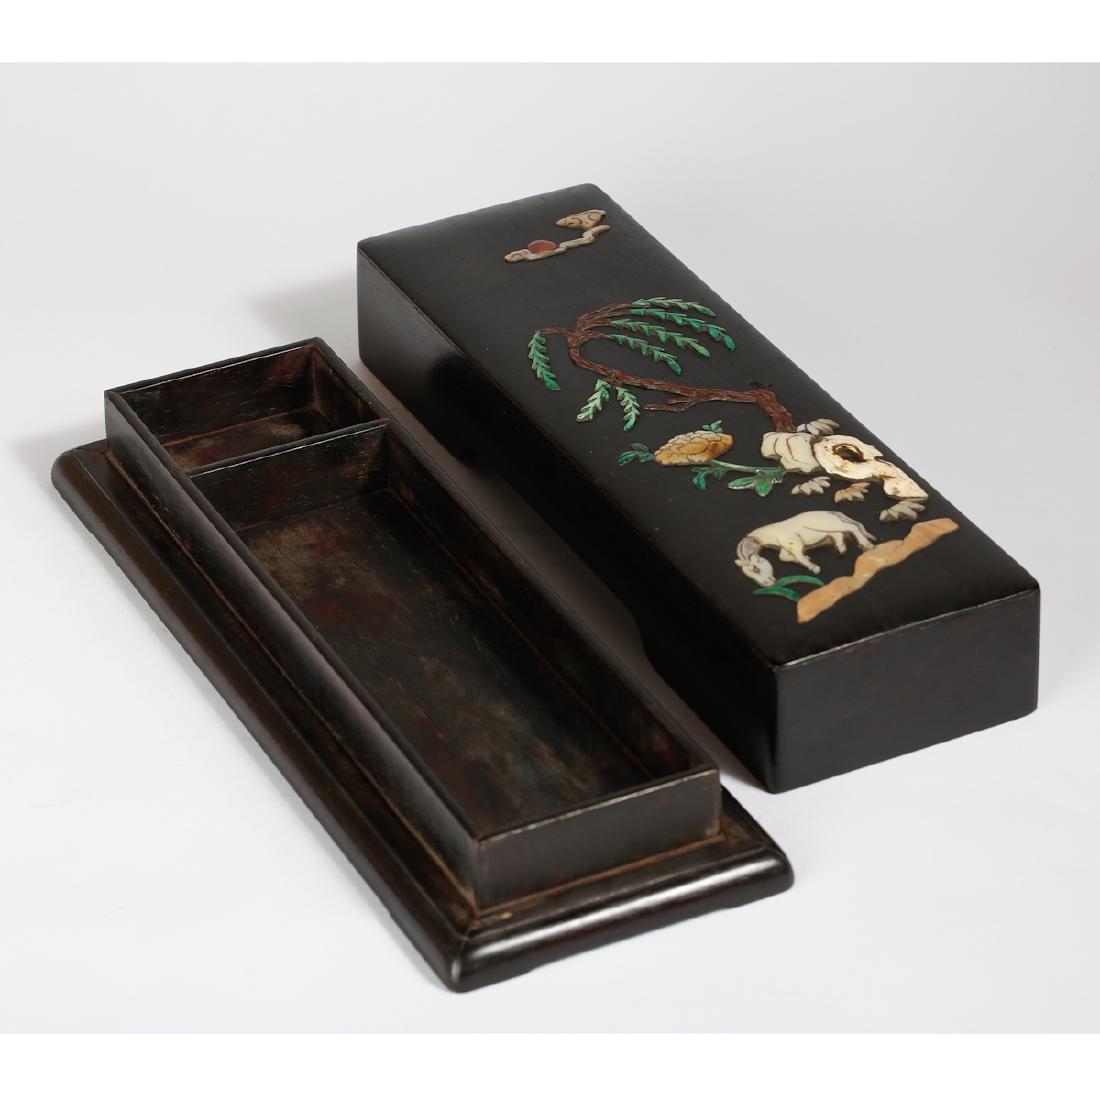 CHINESE ZITAN WOOD BOX WITH INLAID - 2